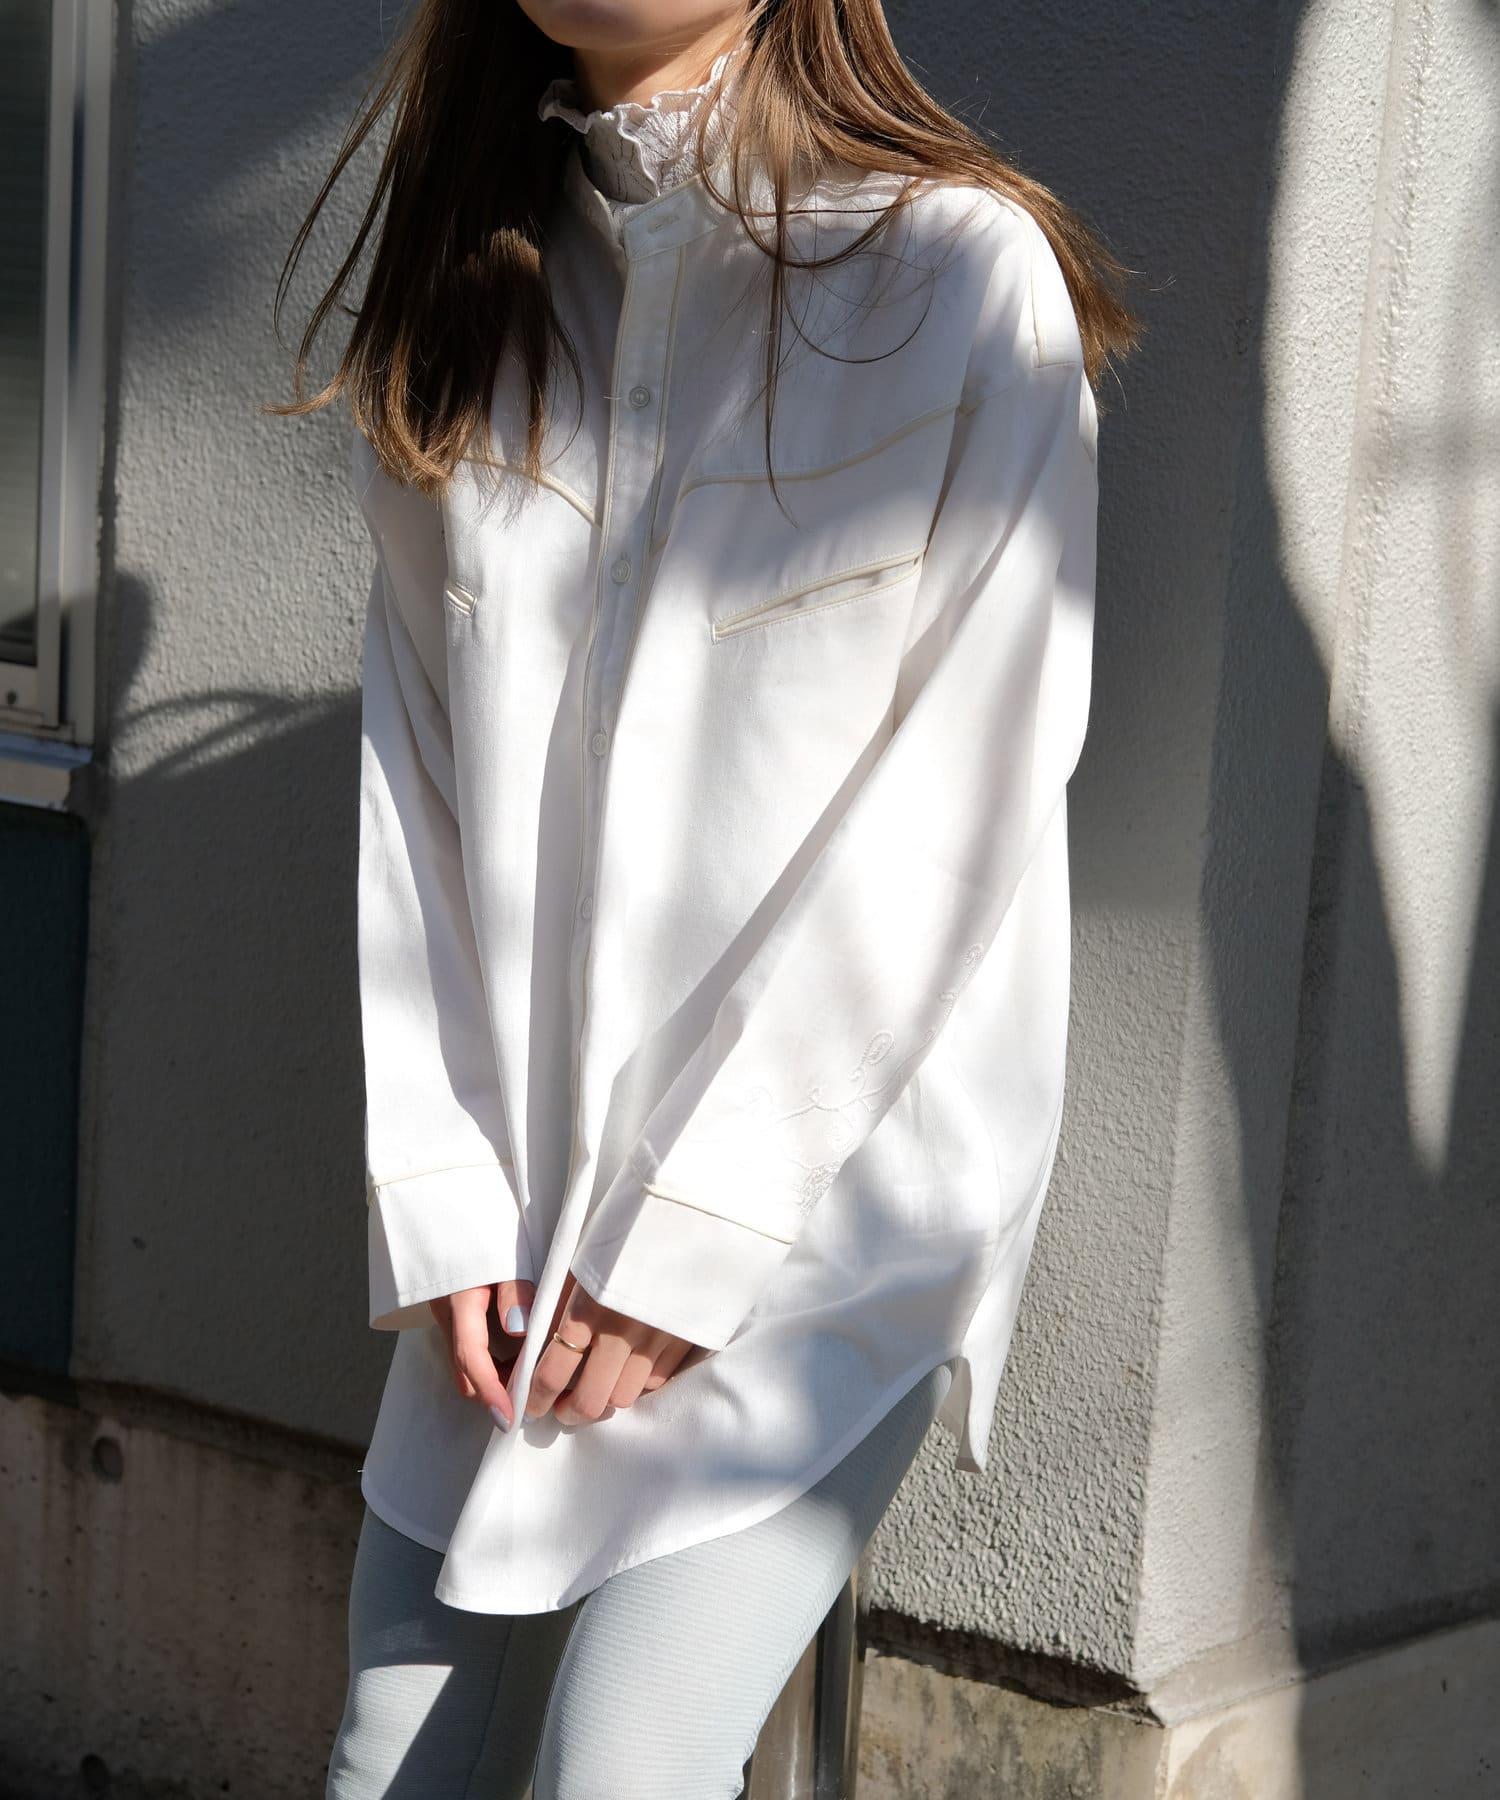 Kastane(カスタネ) 【Thank Mat'l.】リサイクルヤーンウエスタンシャツ